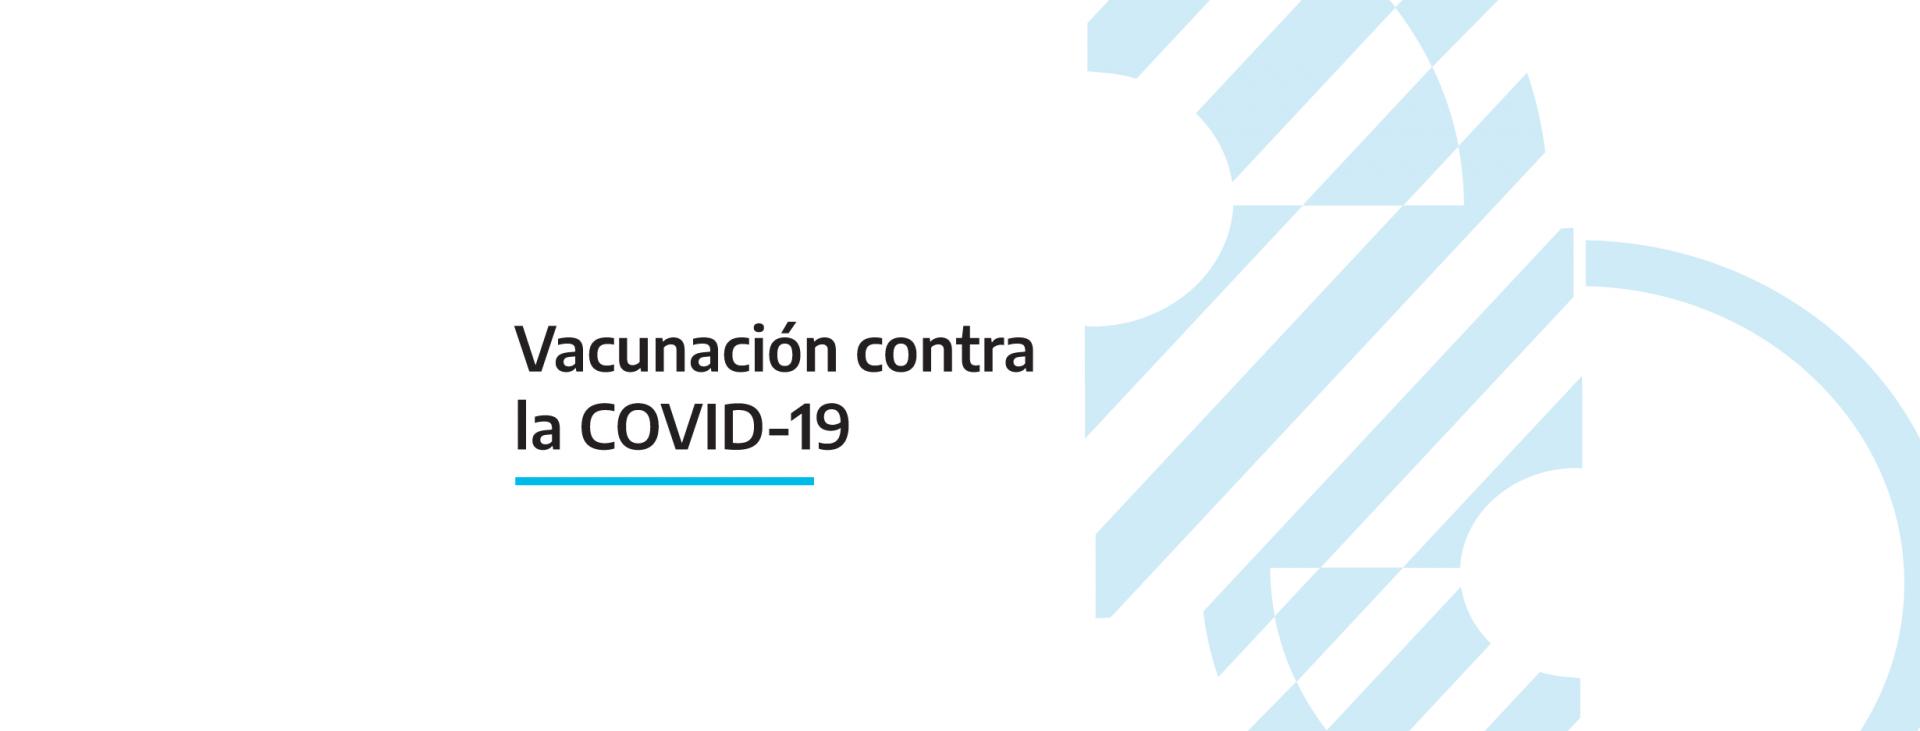 Se incorporan las personas con discapacidad dentro de la población objetivo a vacunar contra la Covid 19